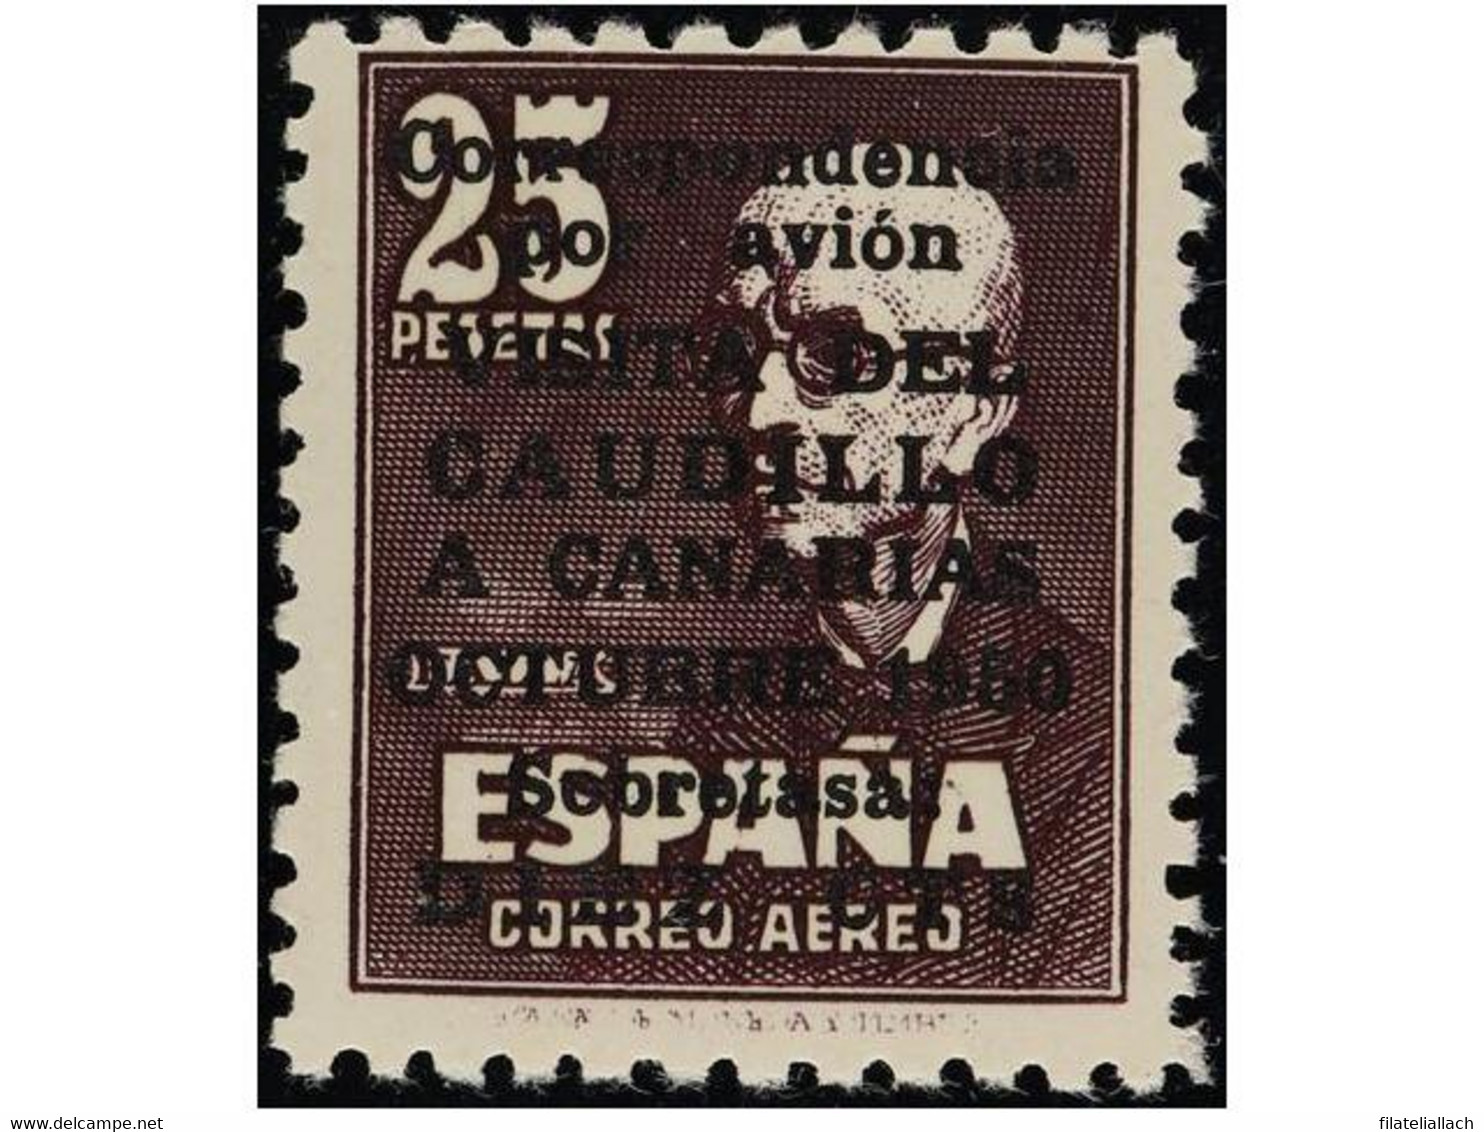 SPAIN: SEGUNDO CENTENARIO - Unclassified